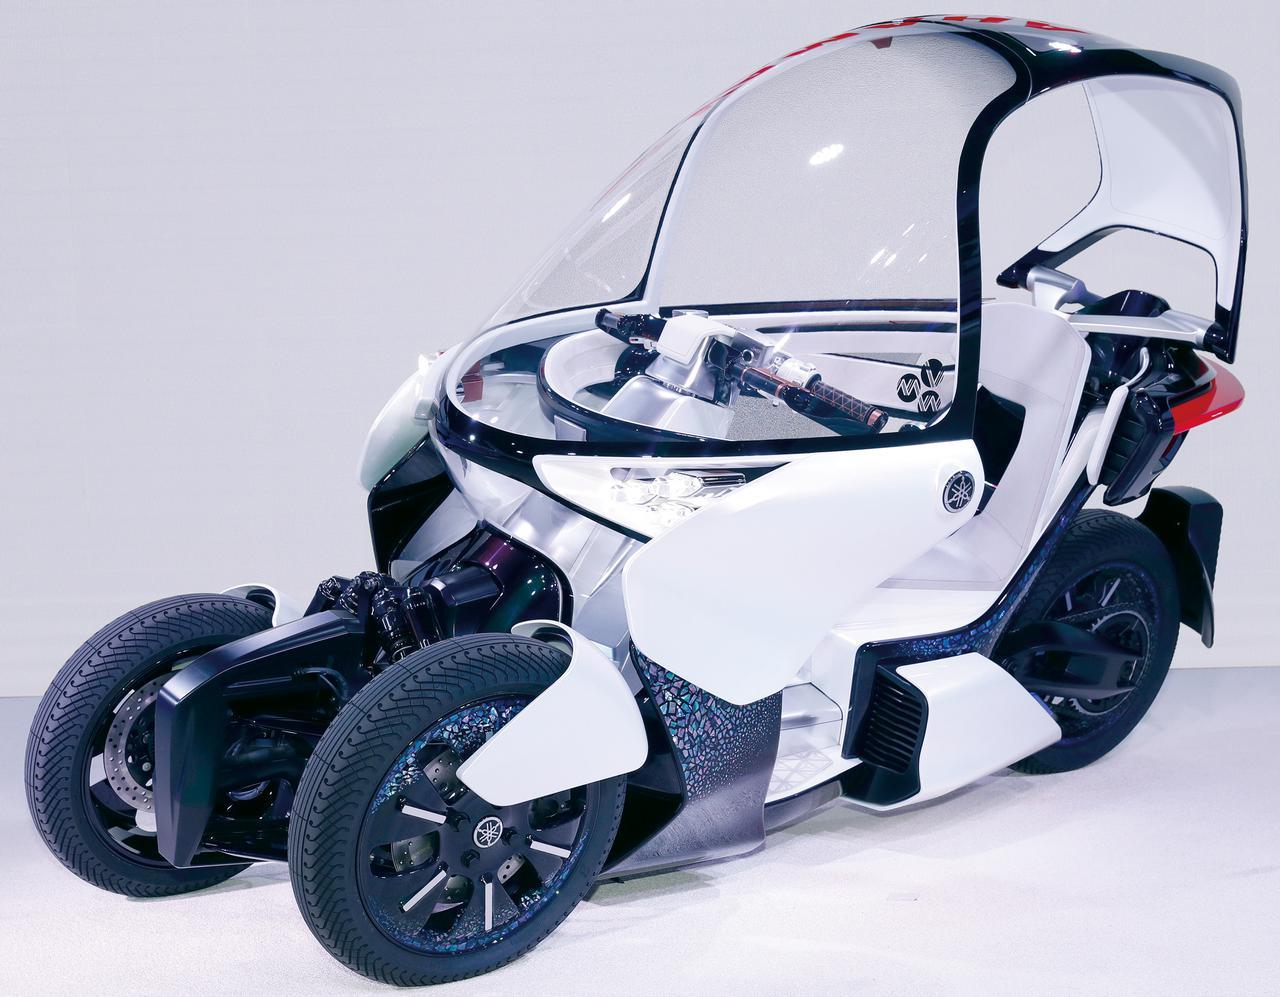 ヤマハ「MW-VISION」を解説! 東京モーターショー2019で世界初公開された次世代モビリティ